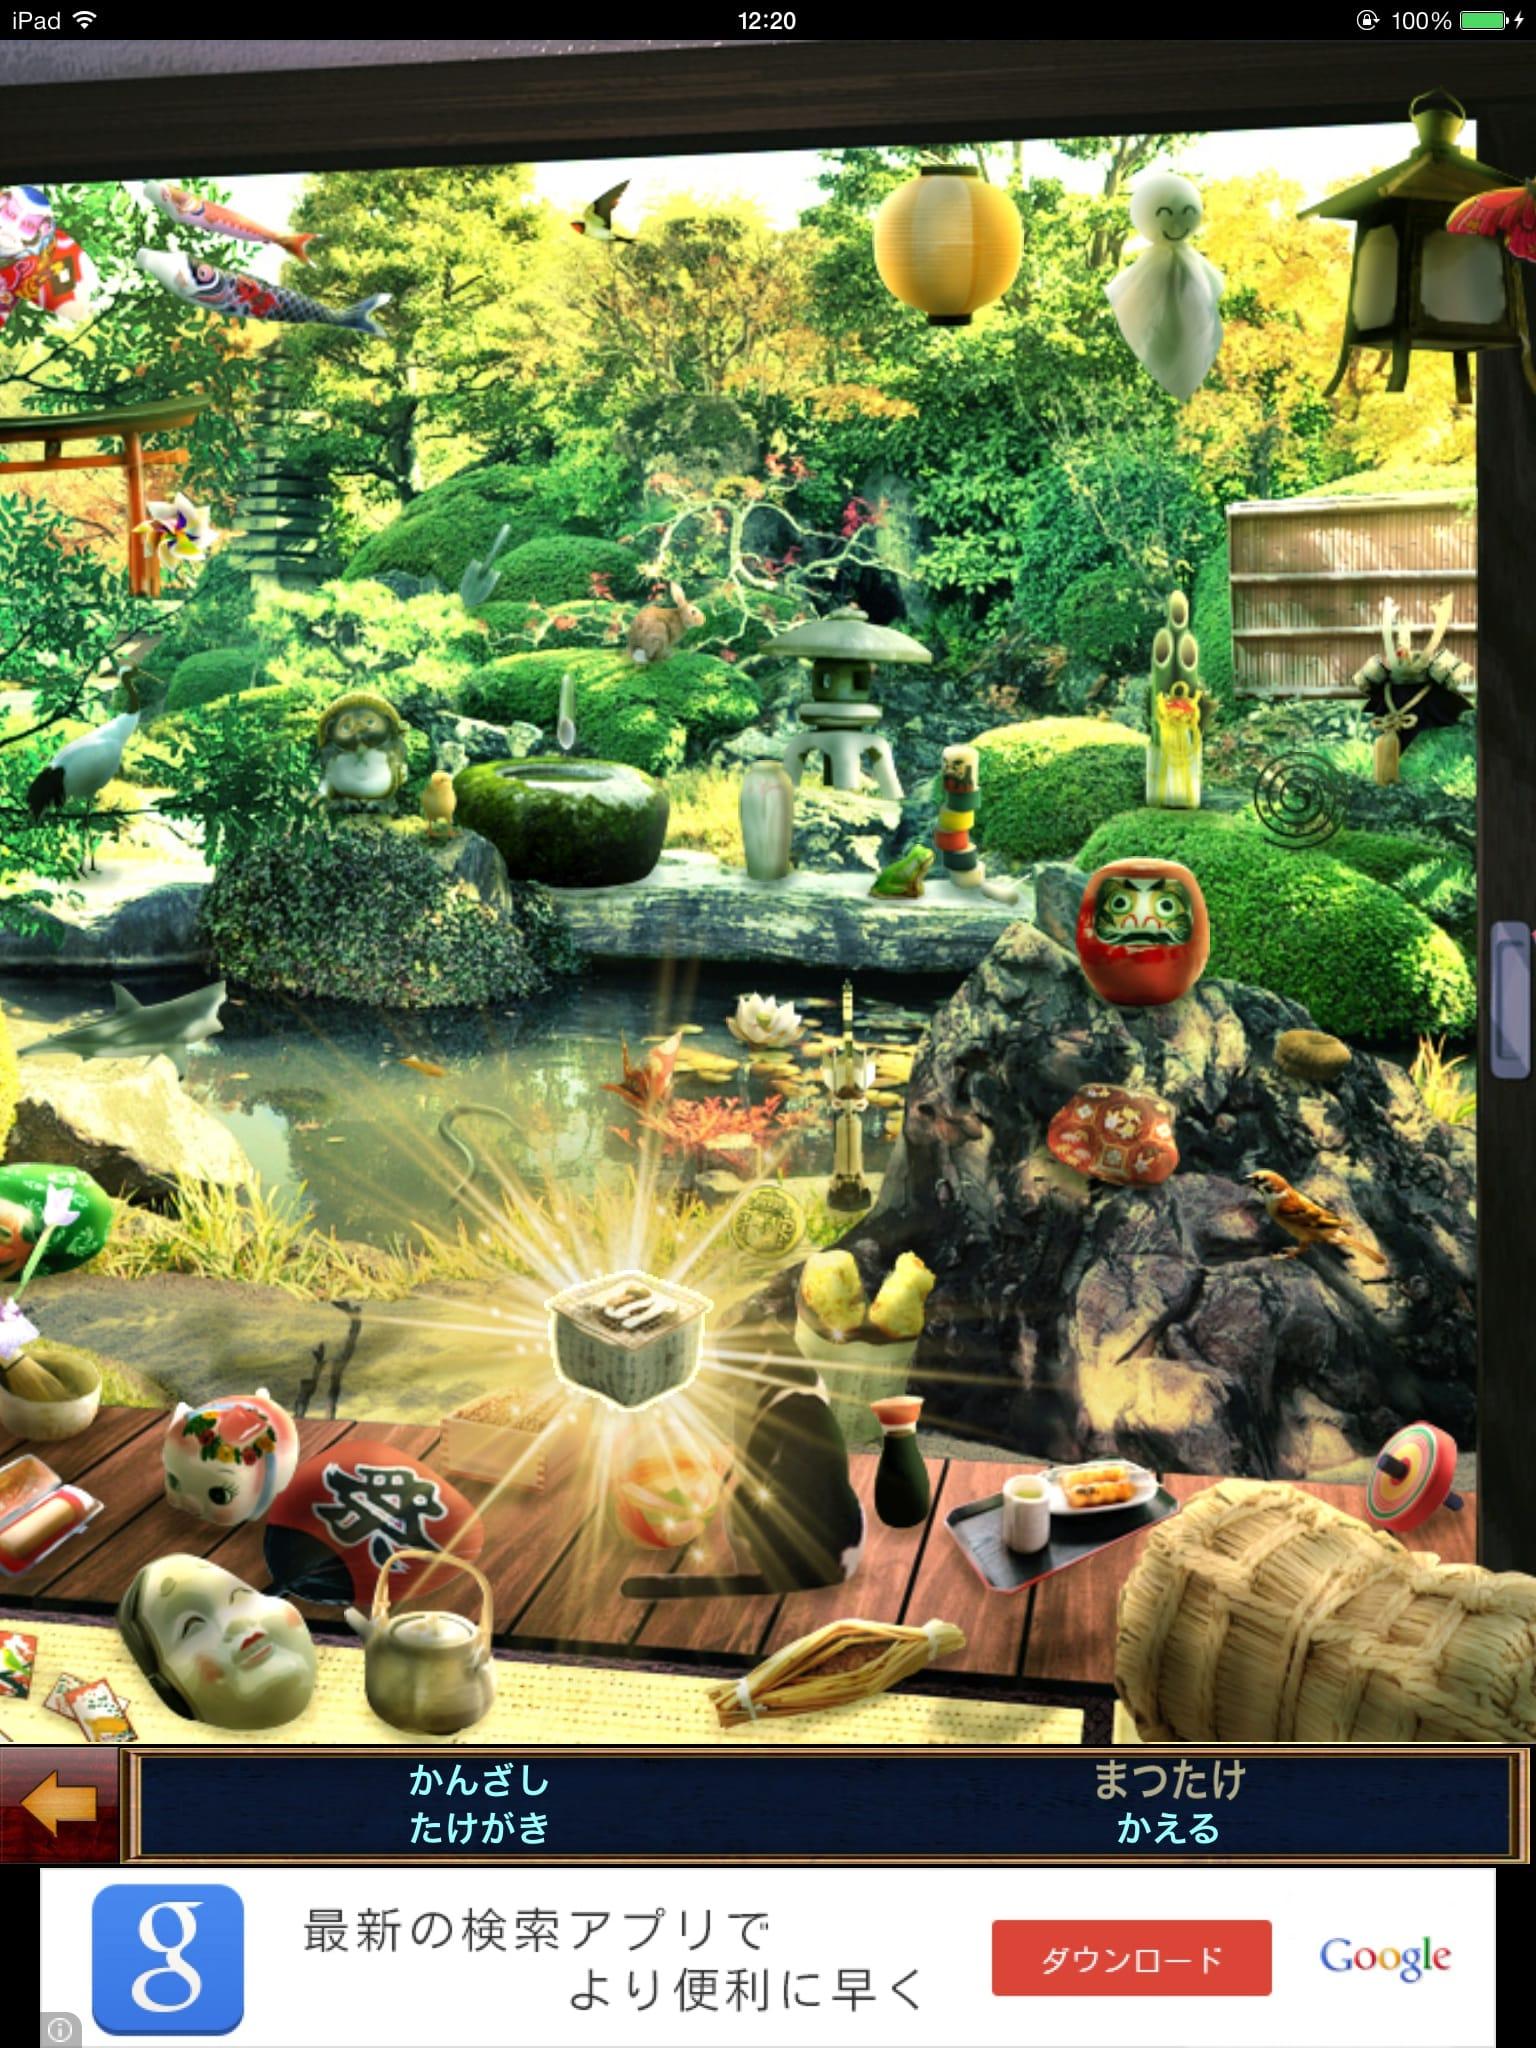 あった!:とっても綺麗な宝探しゲームアプリが何度でも楽しめてオススメ!